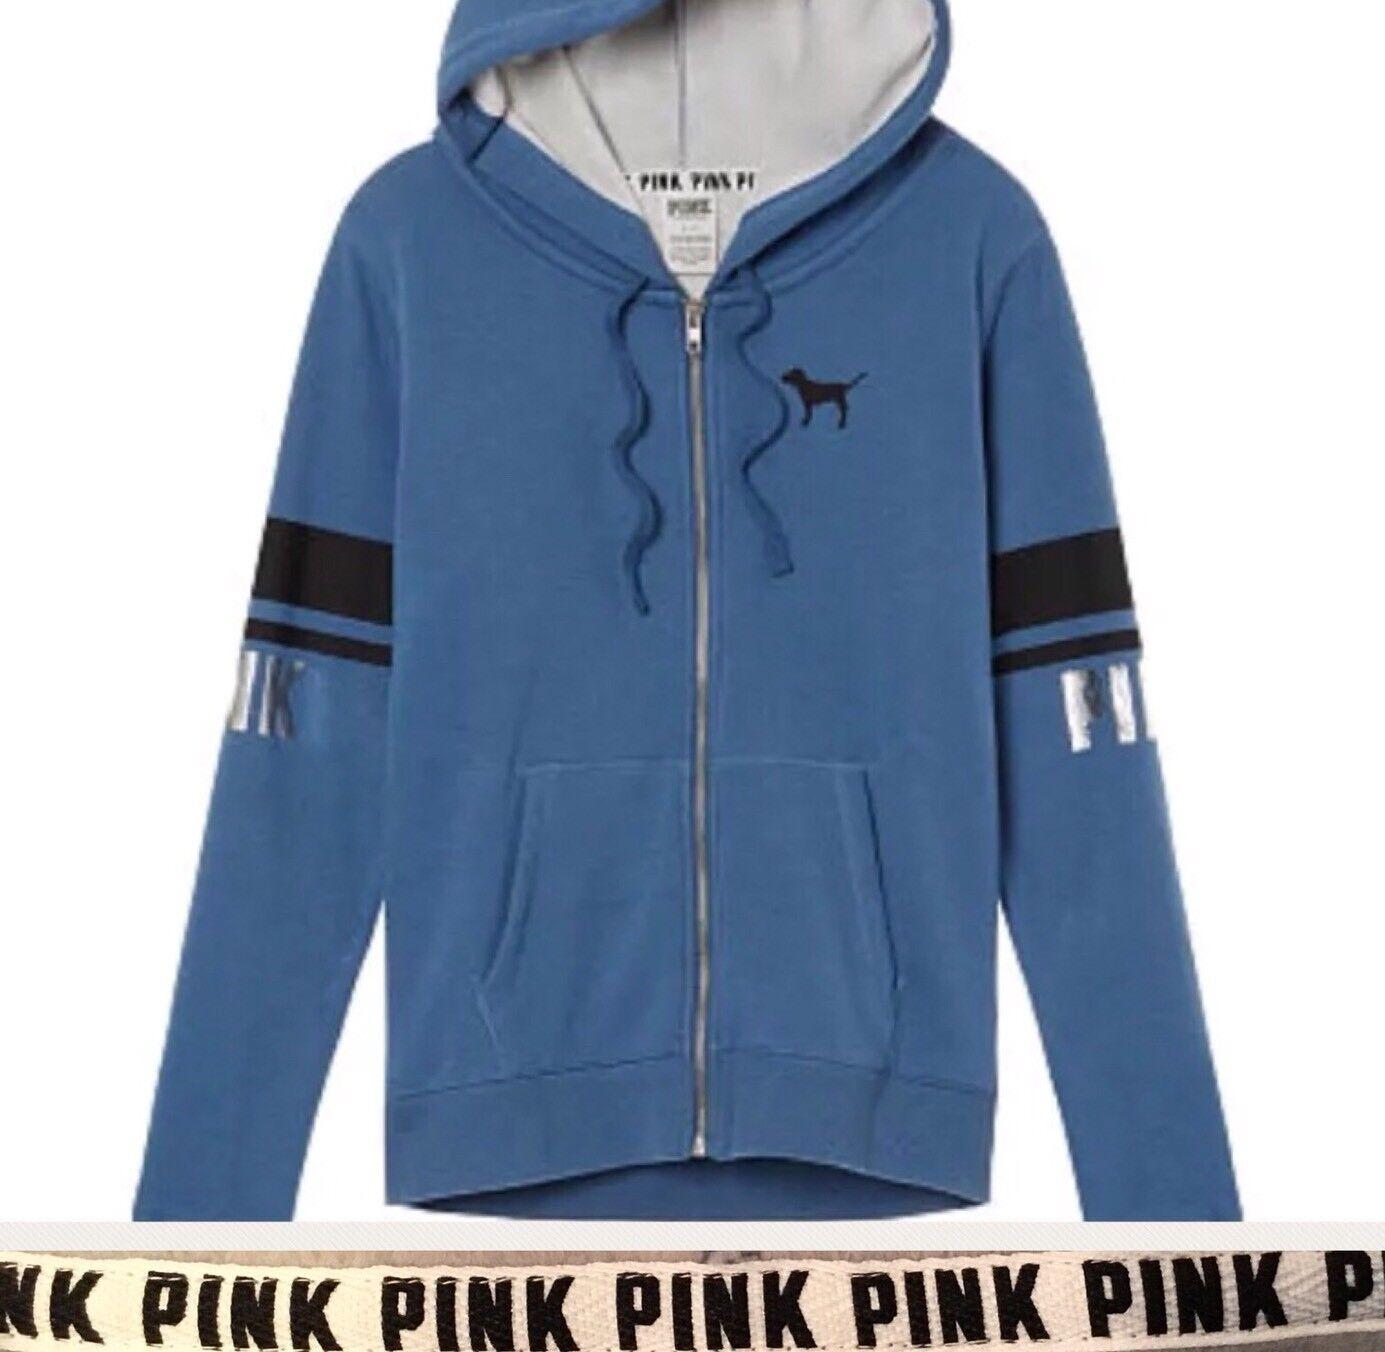 Victoria's Secret Hoodie Perfect Full Zip Cozy Fleece Lined bluee PINK Sz XS RARE